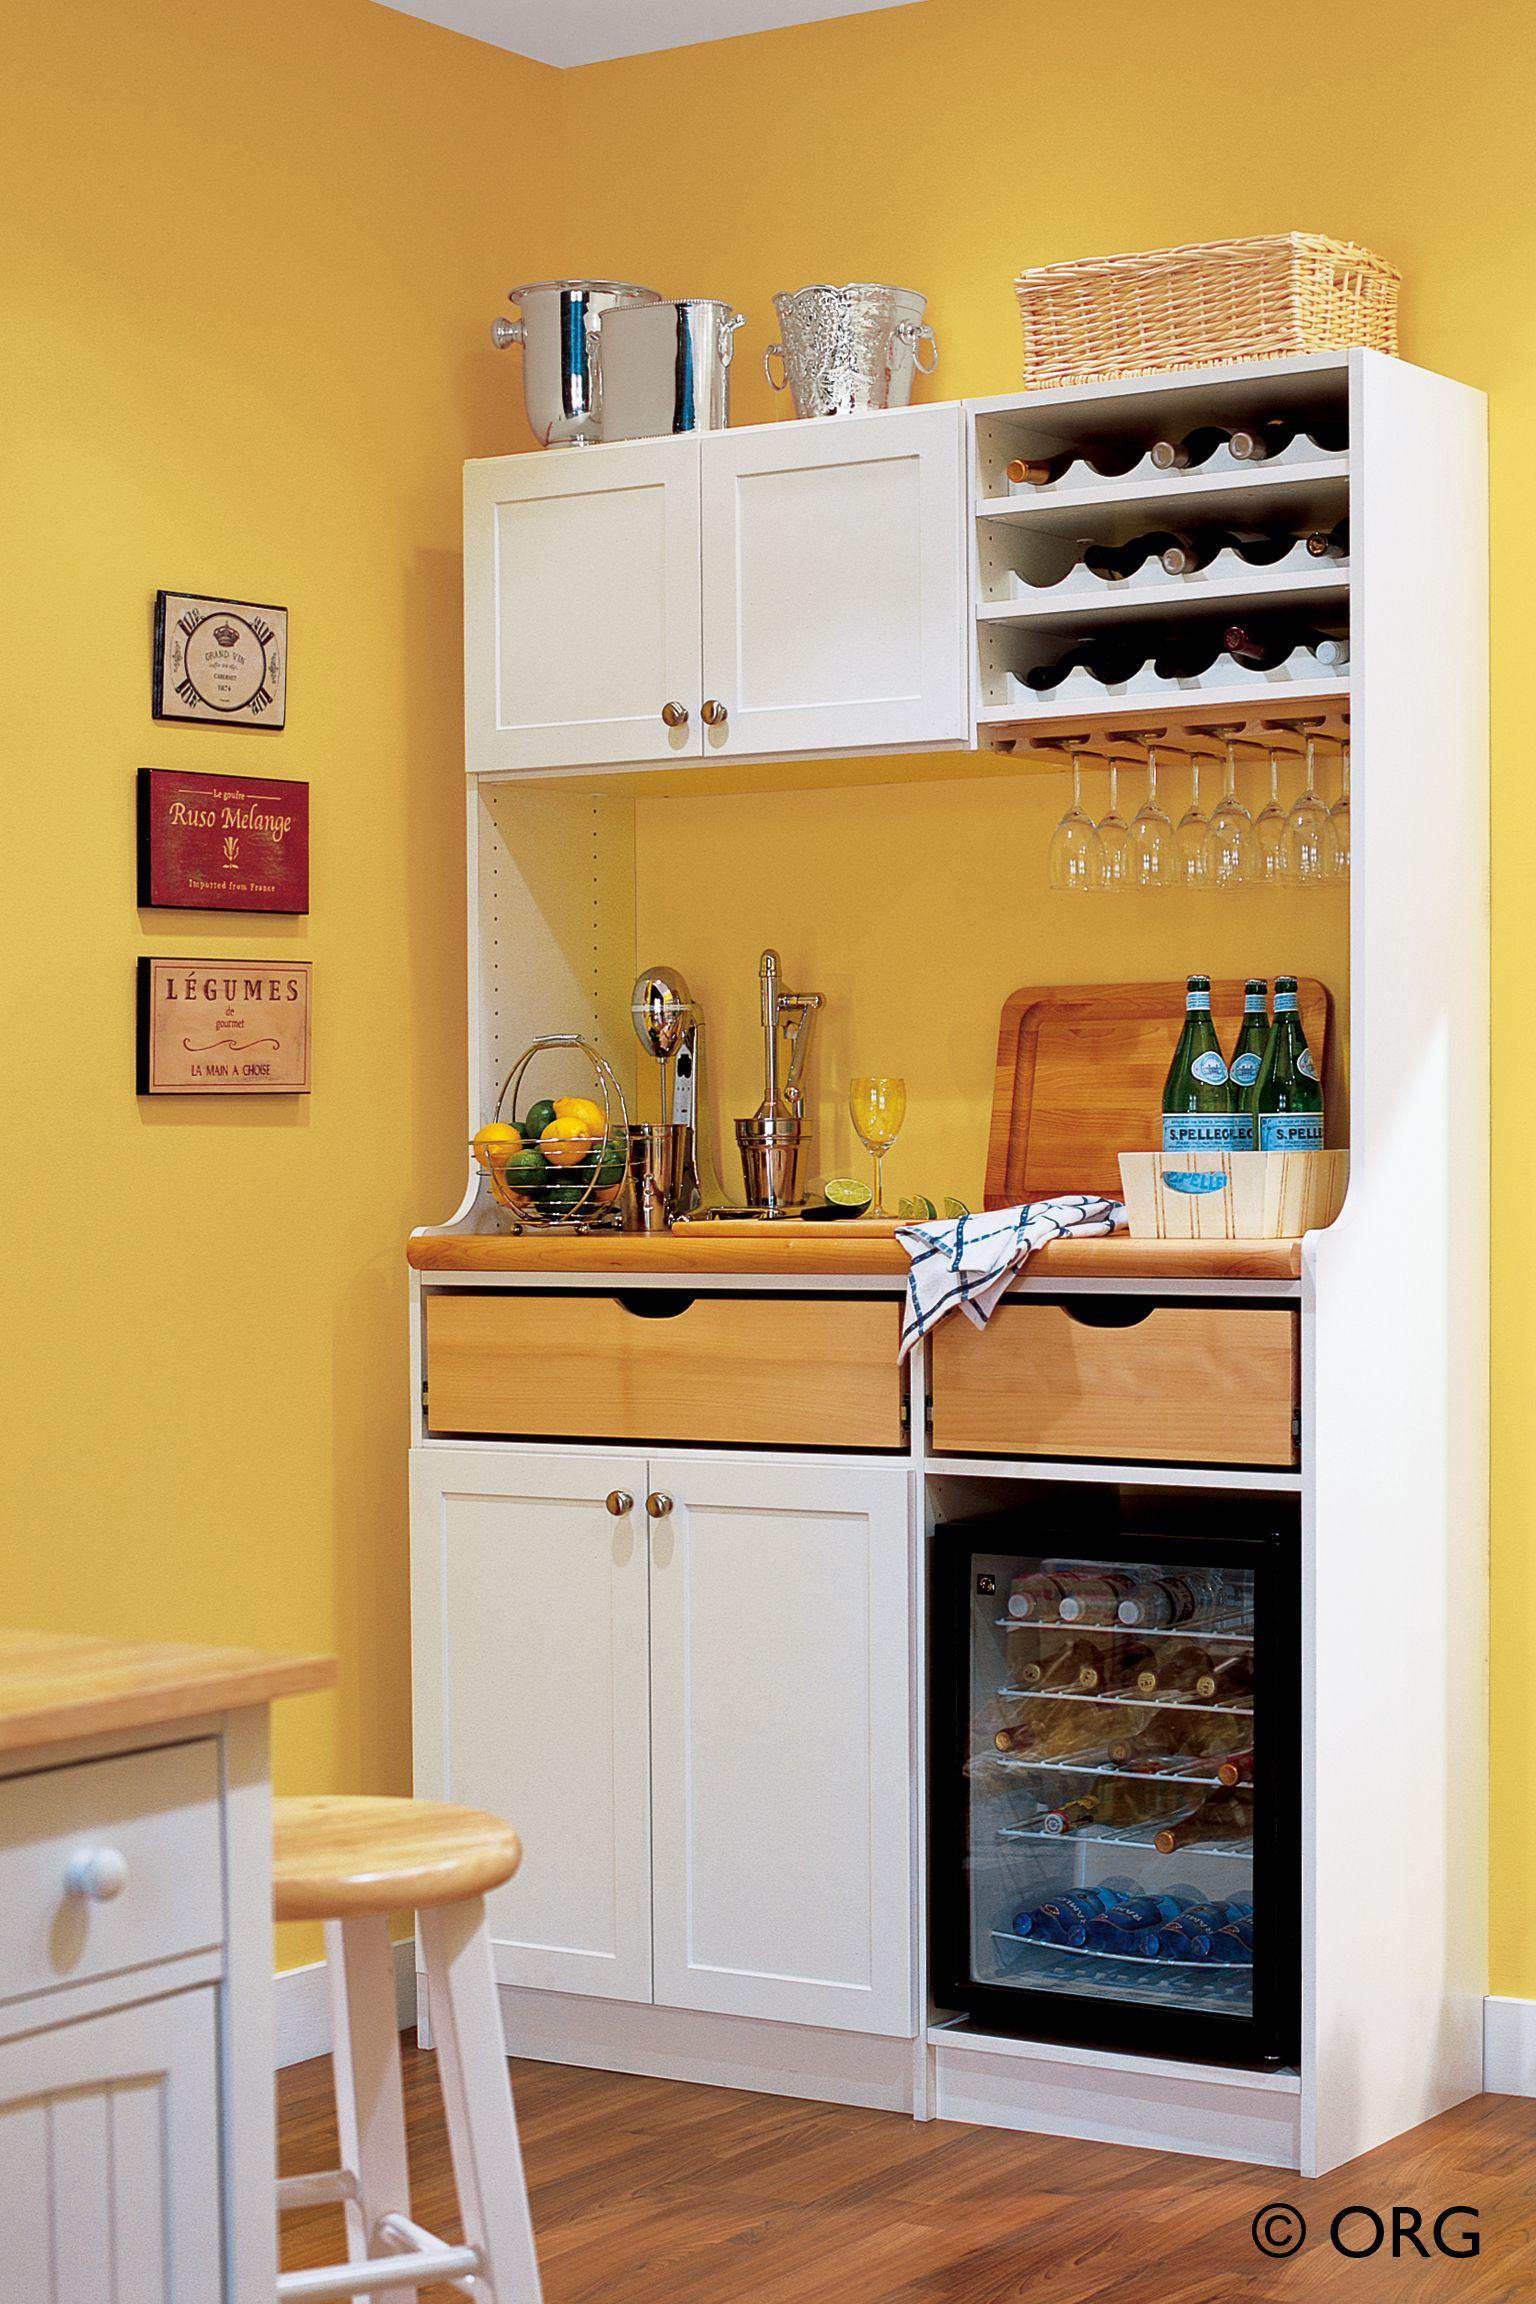 Kitchen Storage Ideas For Small Spaces Decorkeun